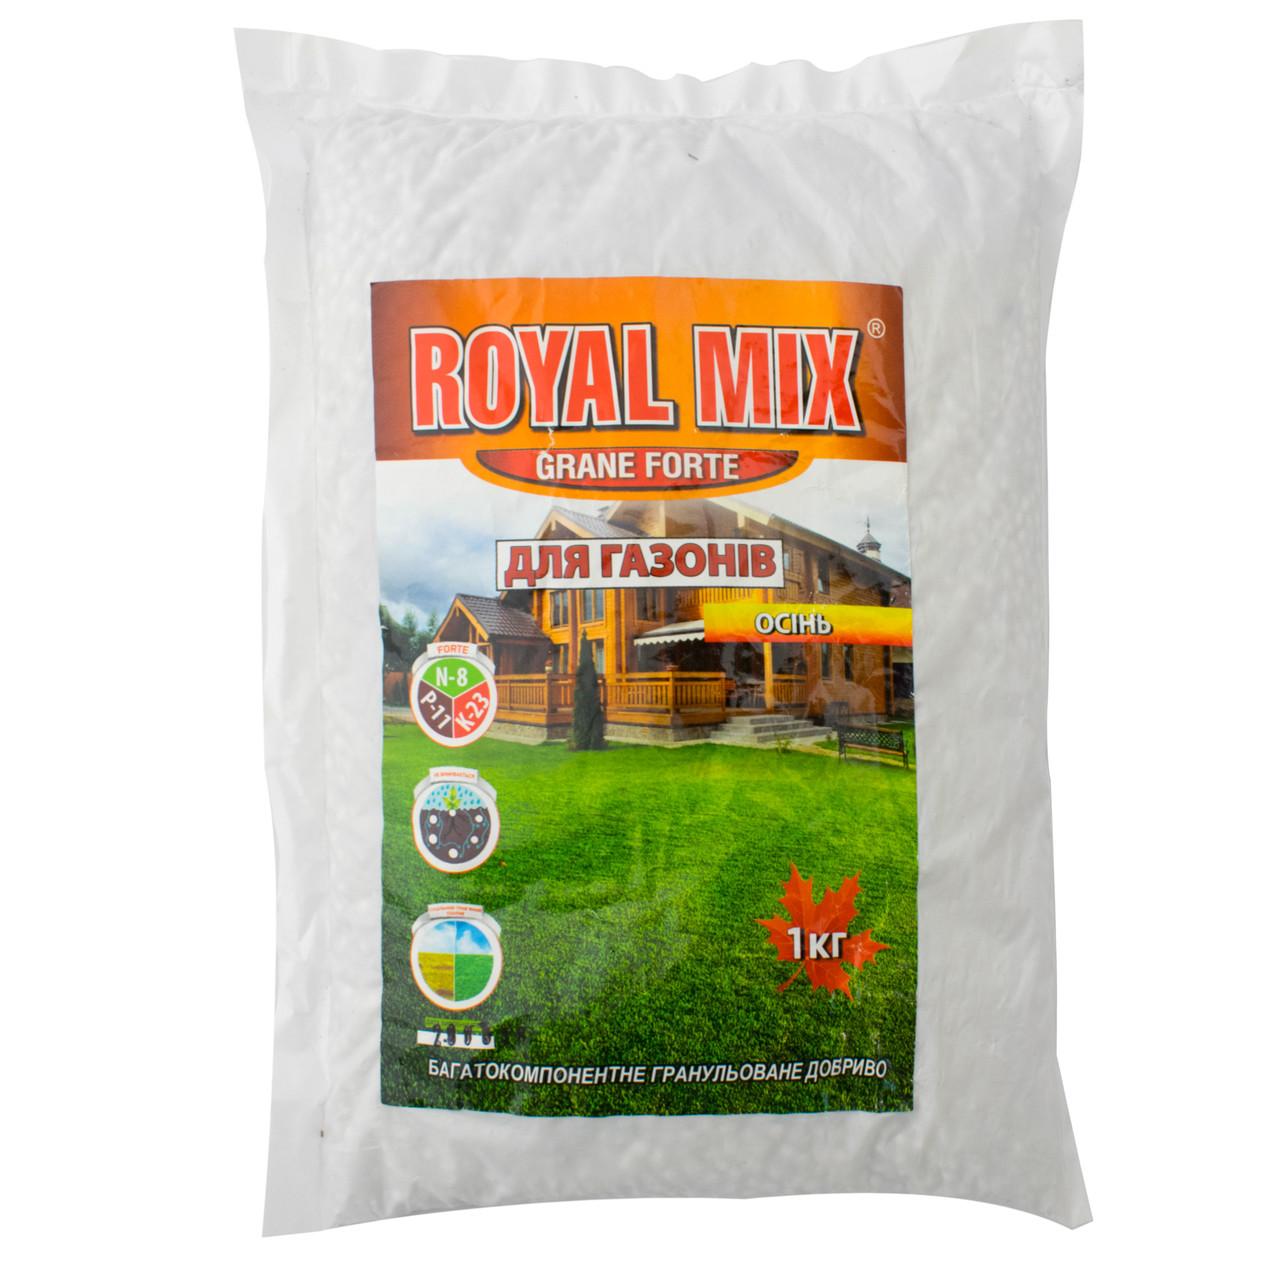 Удобрение Royal mix для газонов осень пакет 1 кг